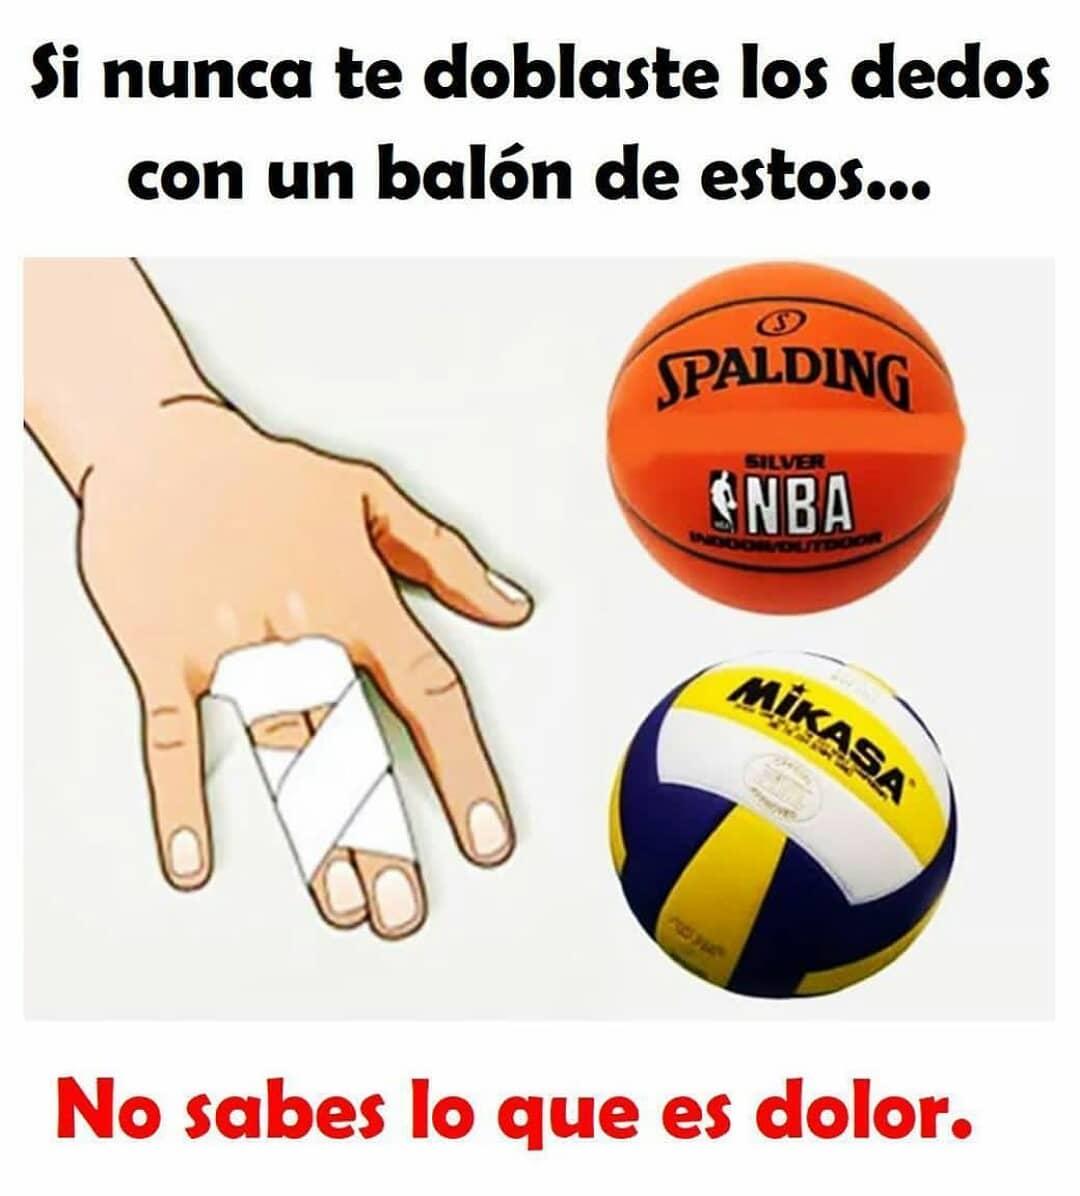 Si nunca te doblaste los dedos con un balón de estos...  No sabes lo que es el dolor.